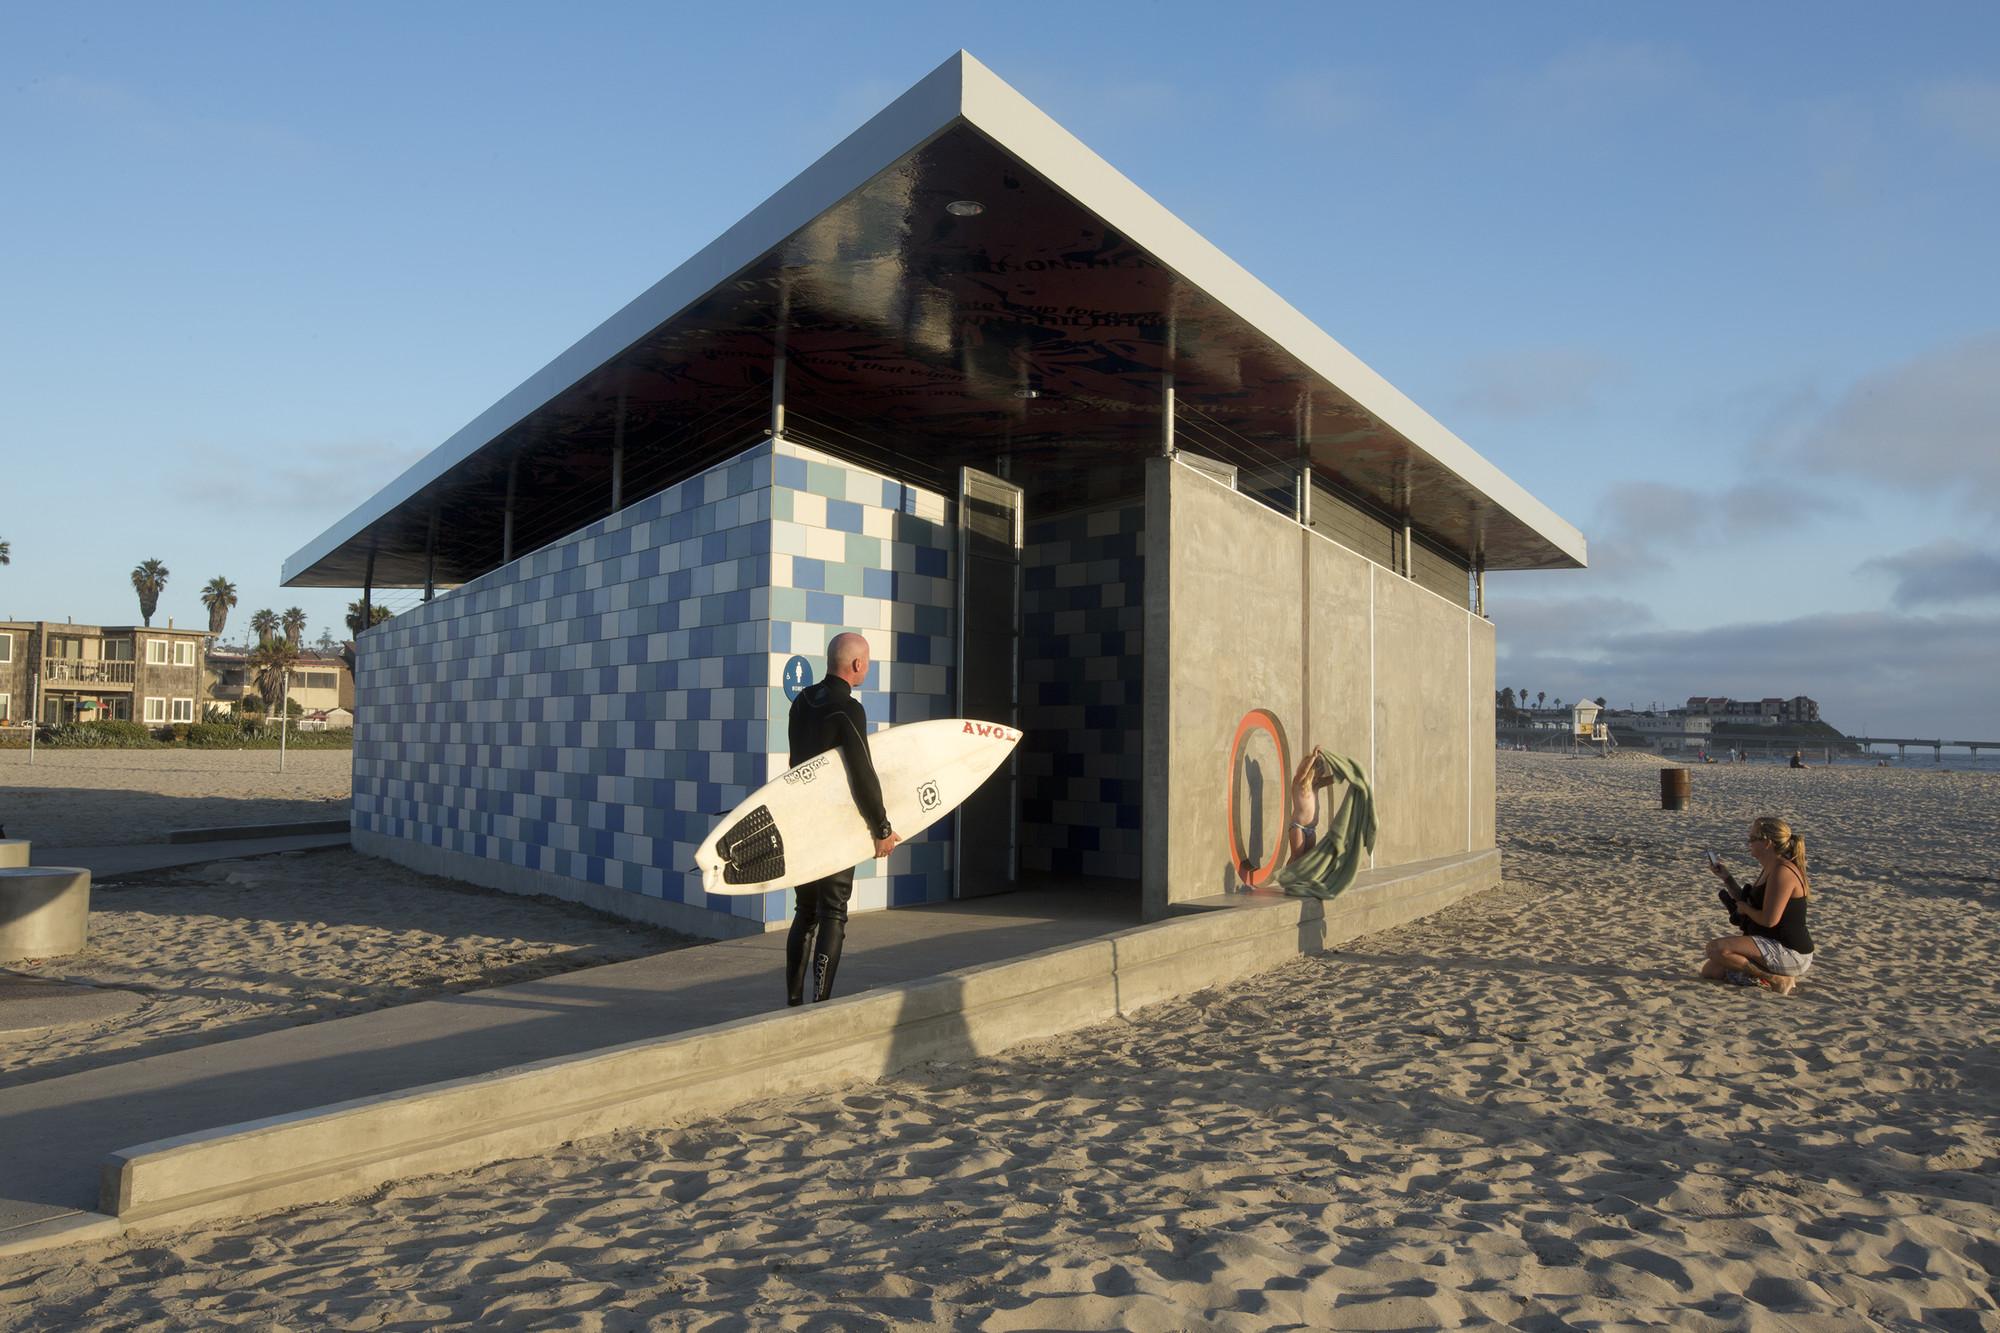 Galeria de Banheiro Público em Ocean Beach / Kevin deFreitas  #3D688E 2000 1333